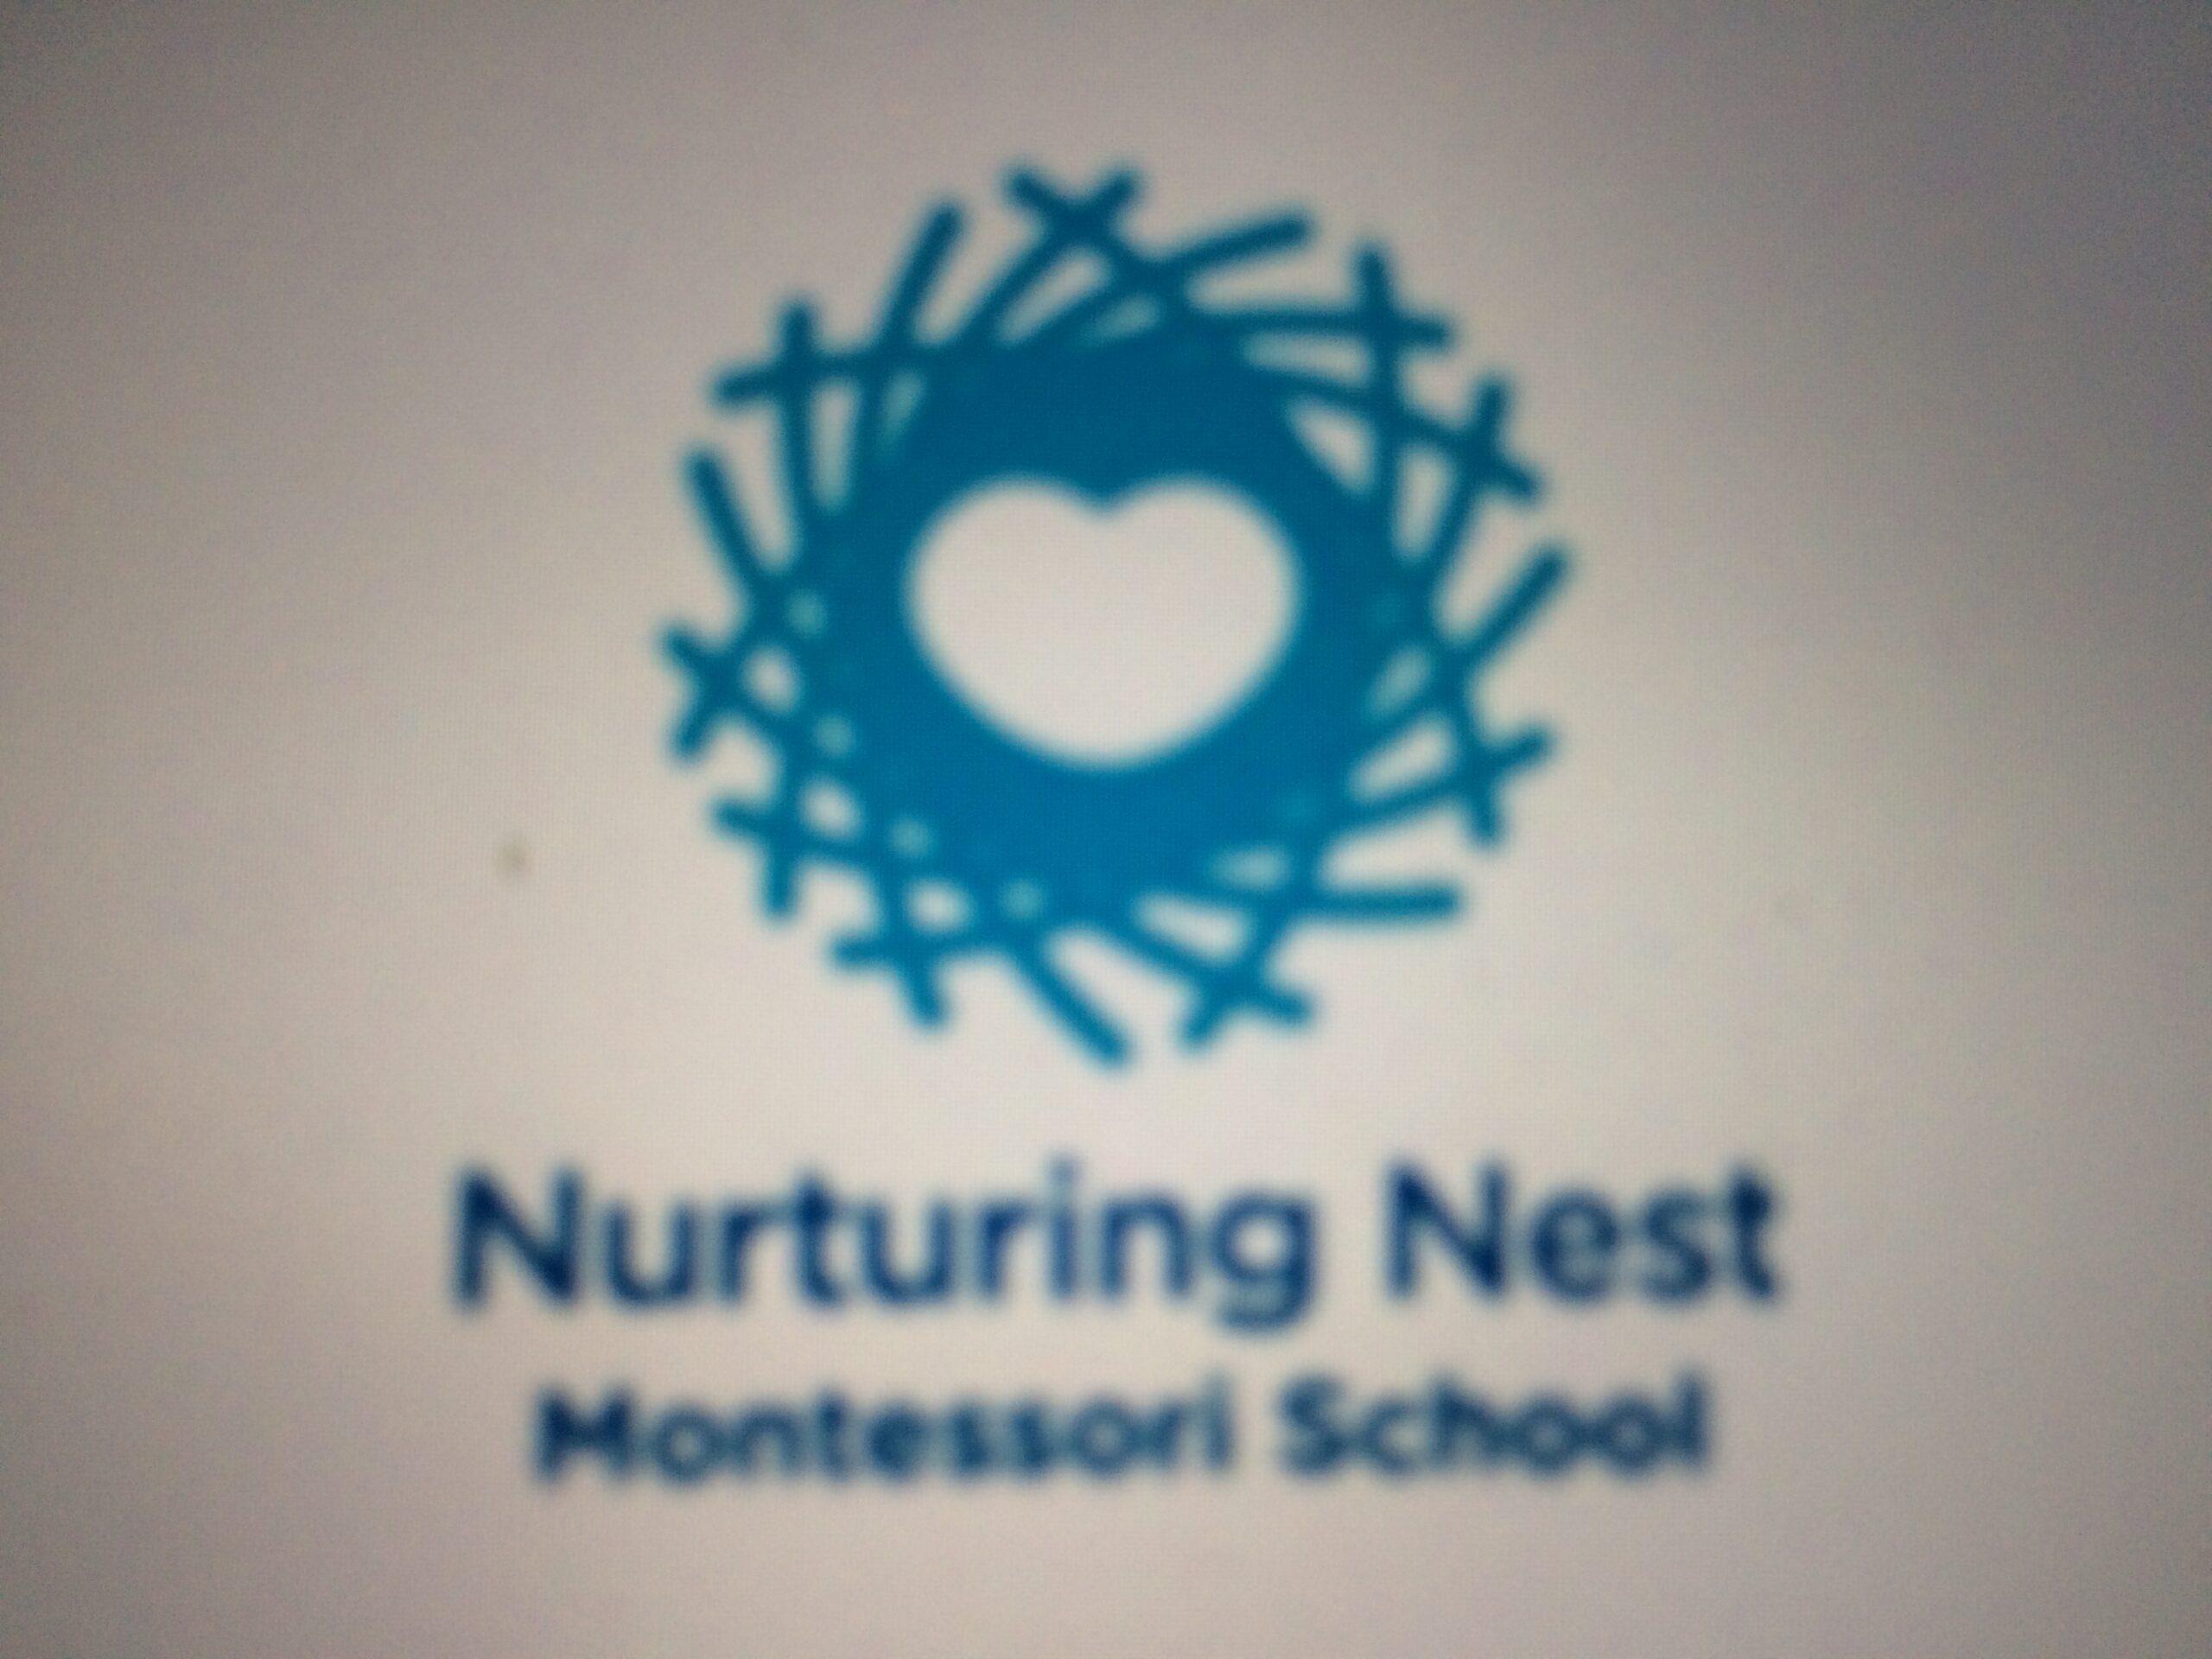 Nurturing Nest Montessori School